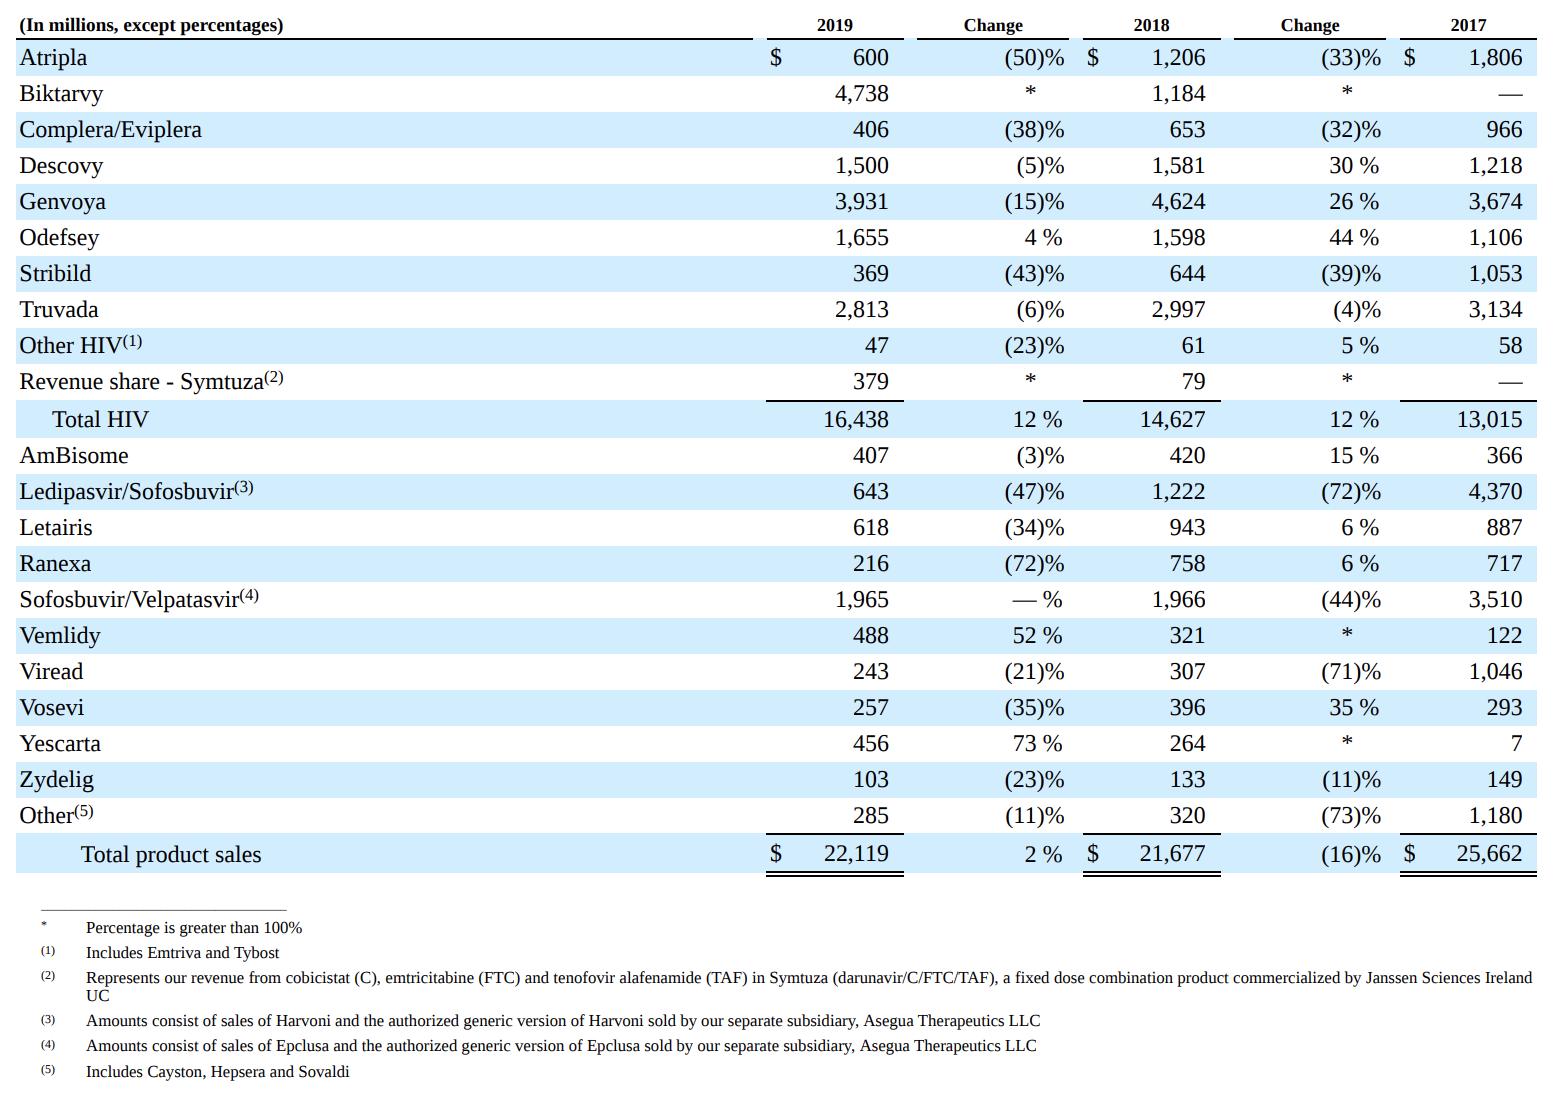 Продажи компании по видам лекарств. В скобках сокращение продаж в процентах по сравнению с прошлым годом. Источник: годовой отчет компании, стр. 34 (35)